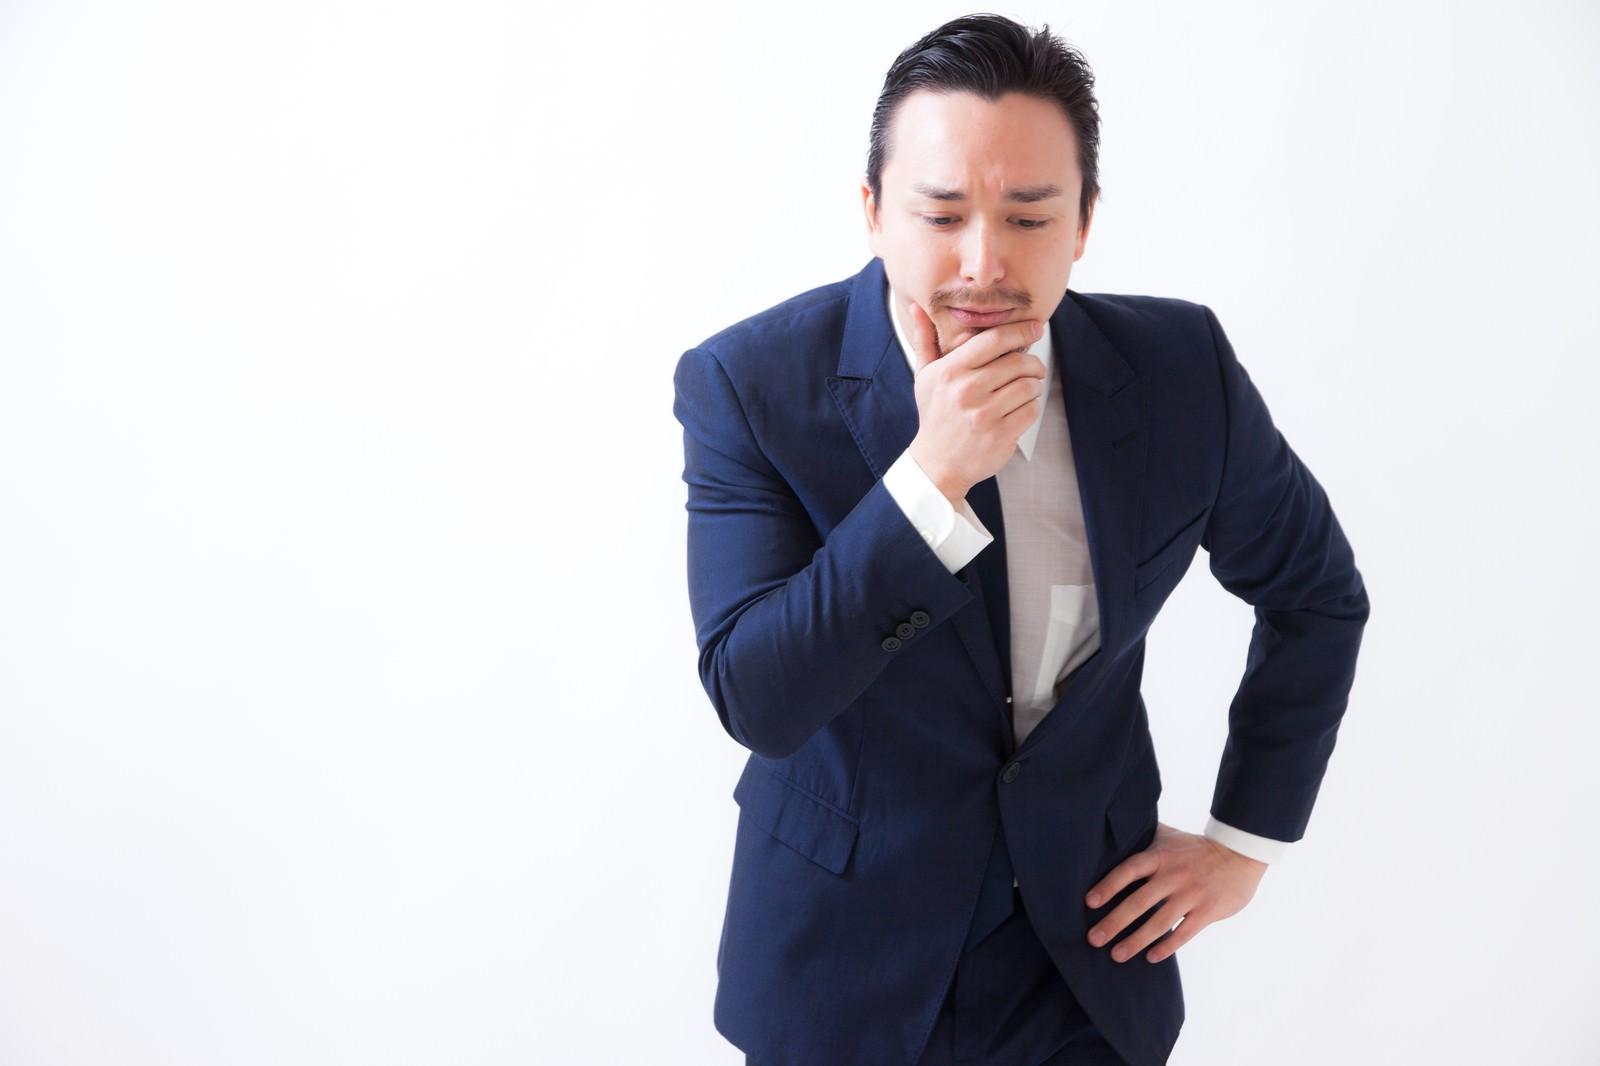 「品定めをする管理職の男性品定めをする管理職の男性」[モデル:Max_Ezaki]のフリー写真素材を拡大